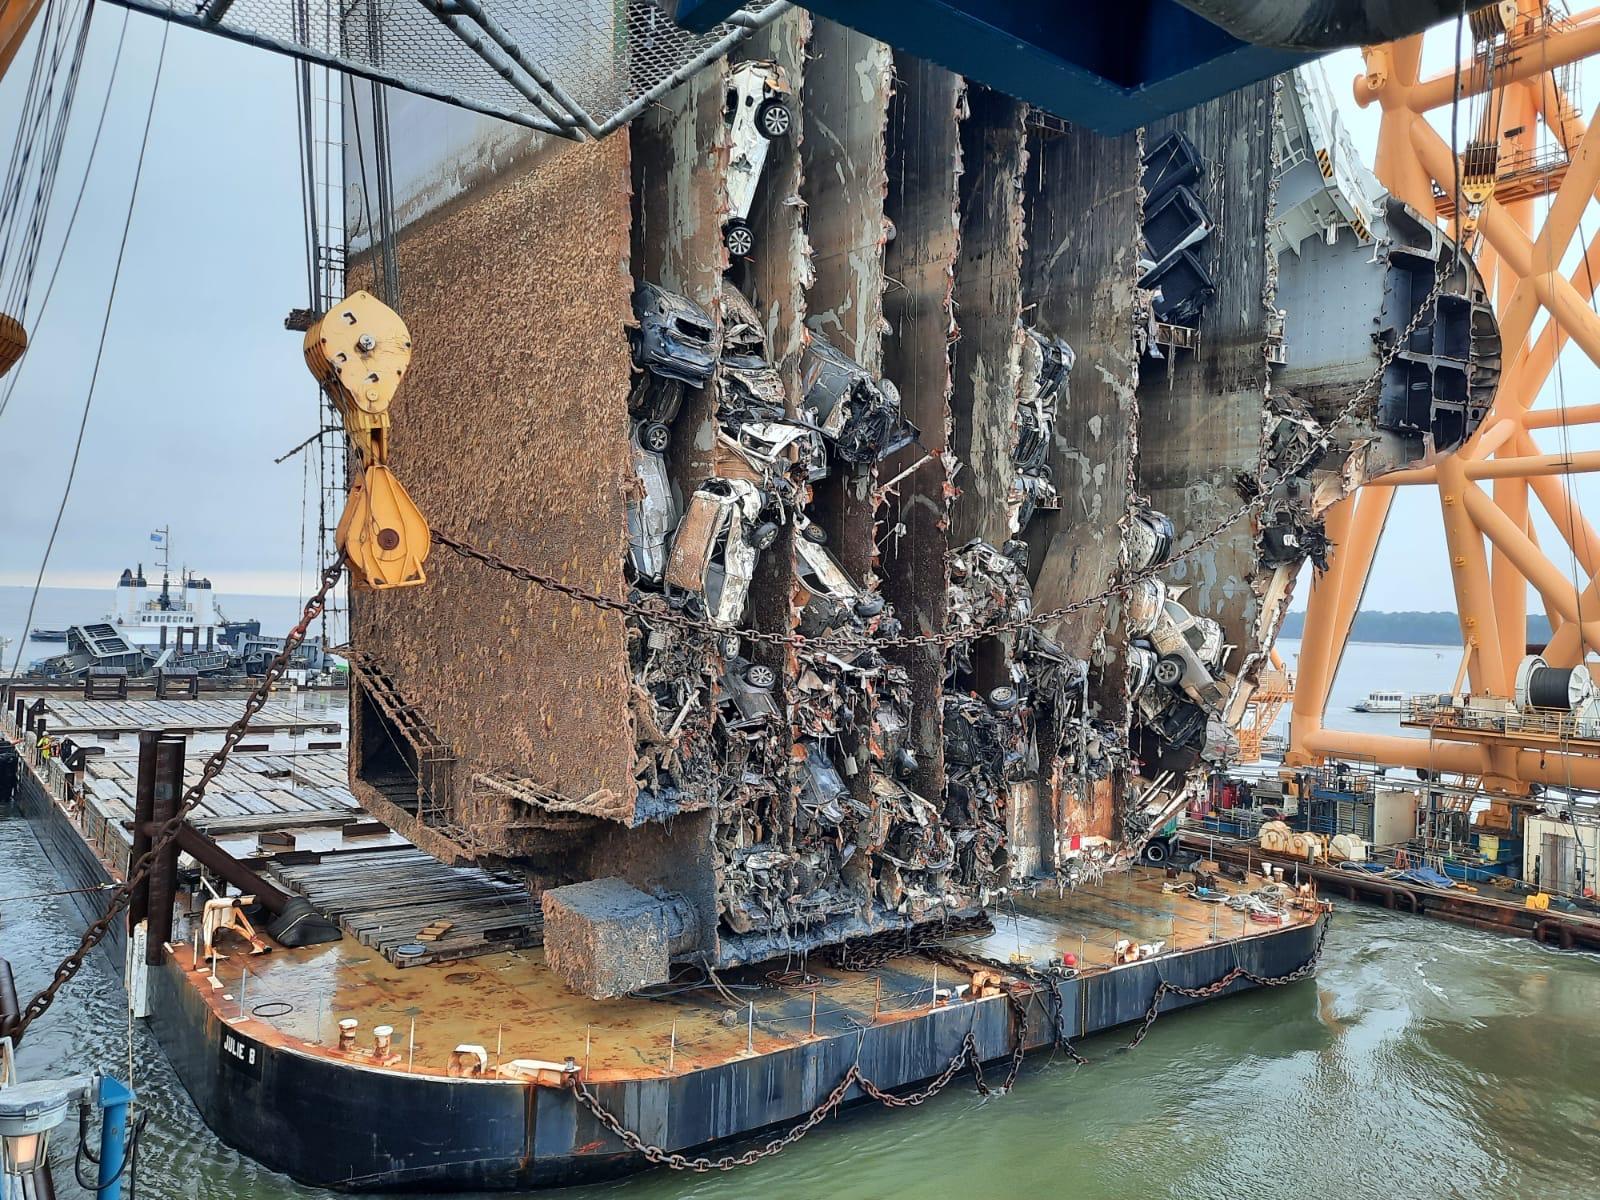 Импресивно: Започна сечењето на превртен брод со илјадници автомобили! / ВИДЕО